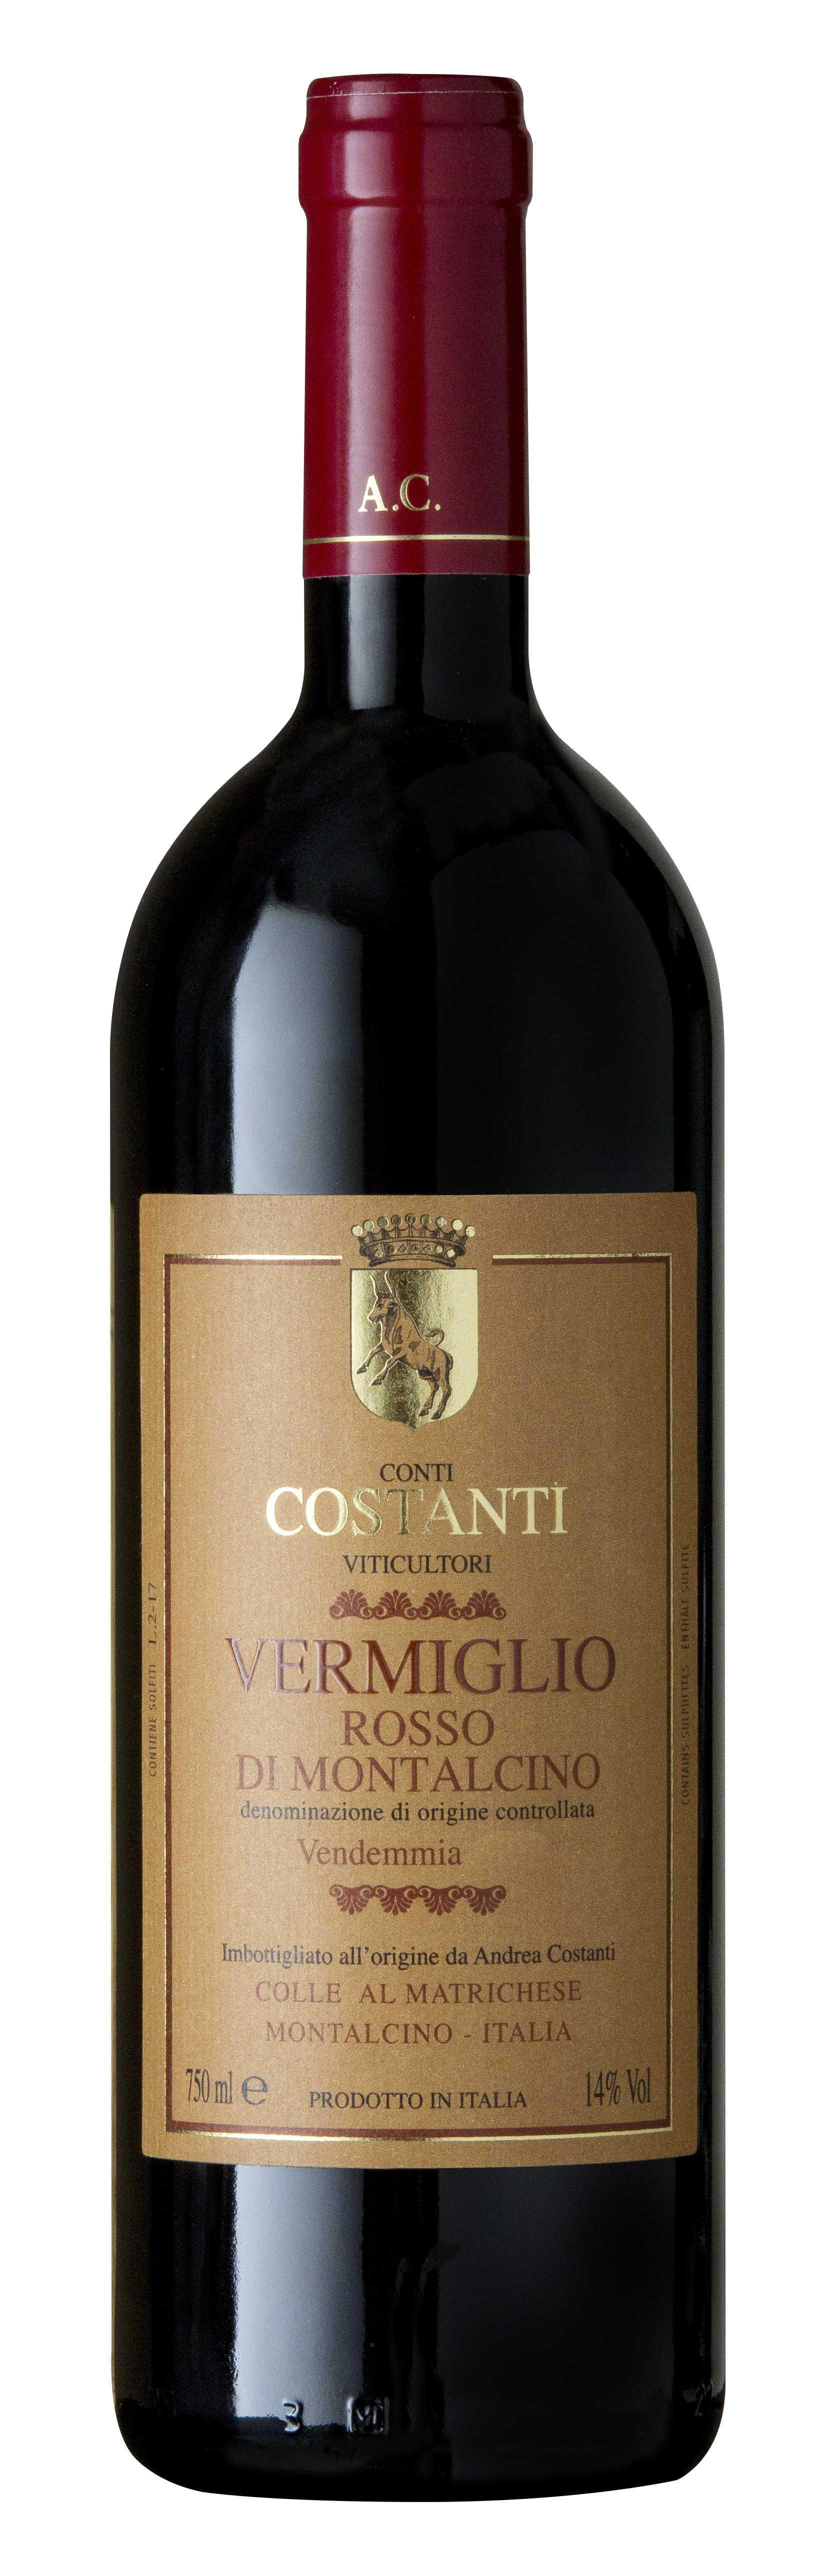 Conti Costanti, 'Vermiglio' Rosso di Montalcino 2014